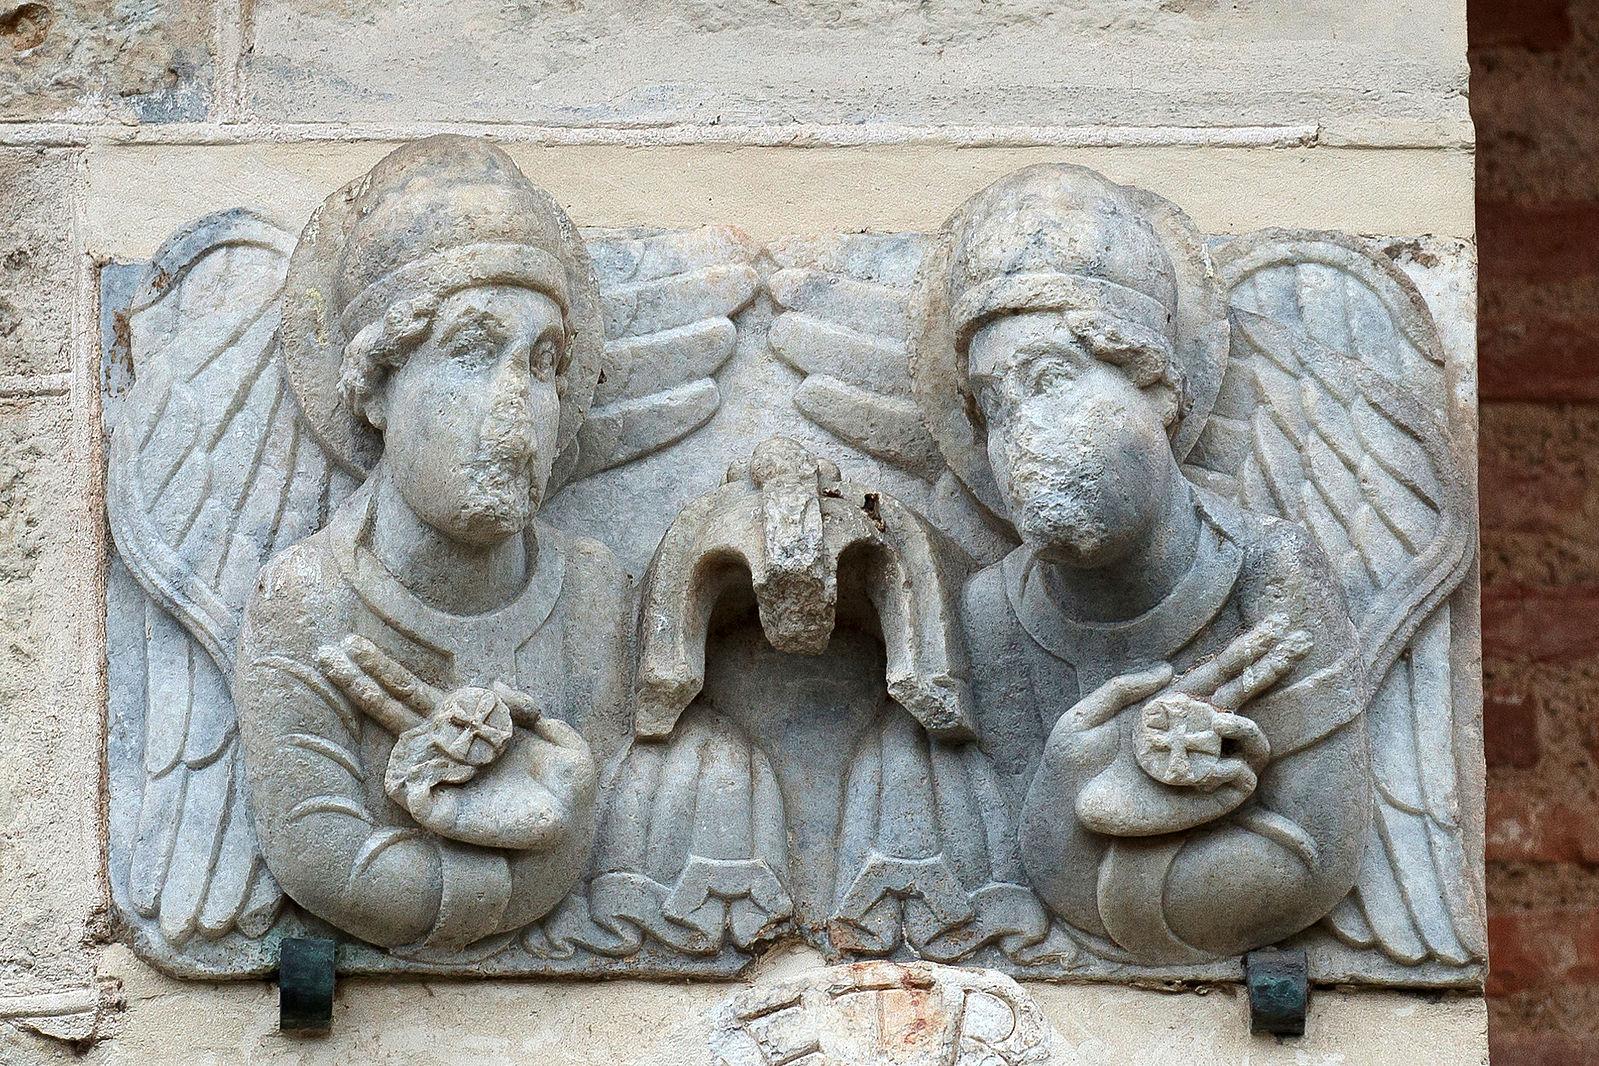 Porte Miegeville Saint sernin de Toulouse Deux_anges presentent le sceau de Dieu